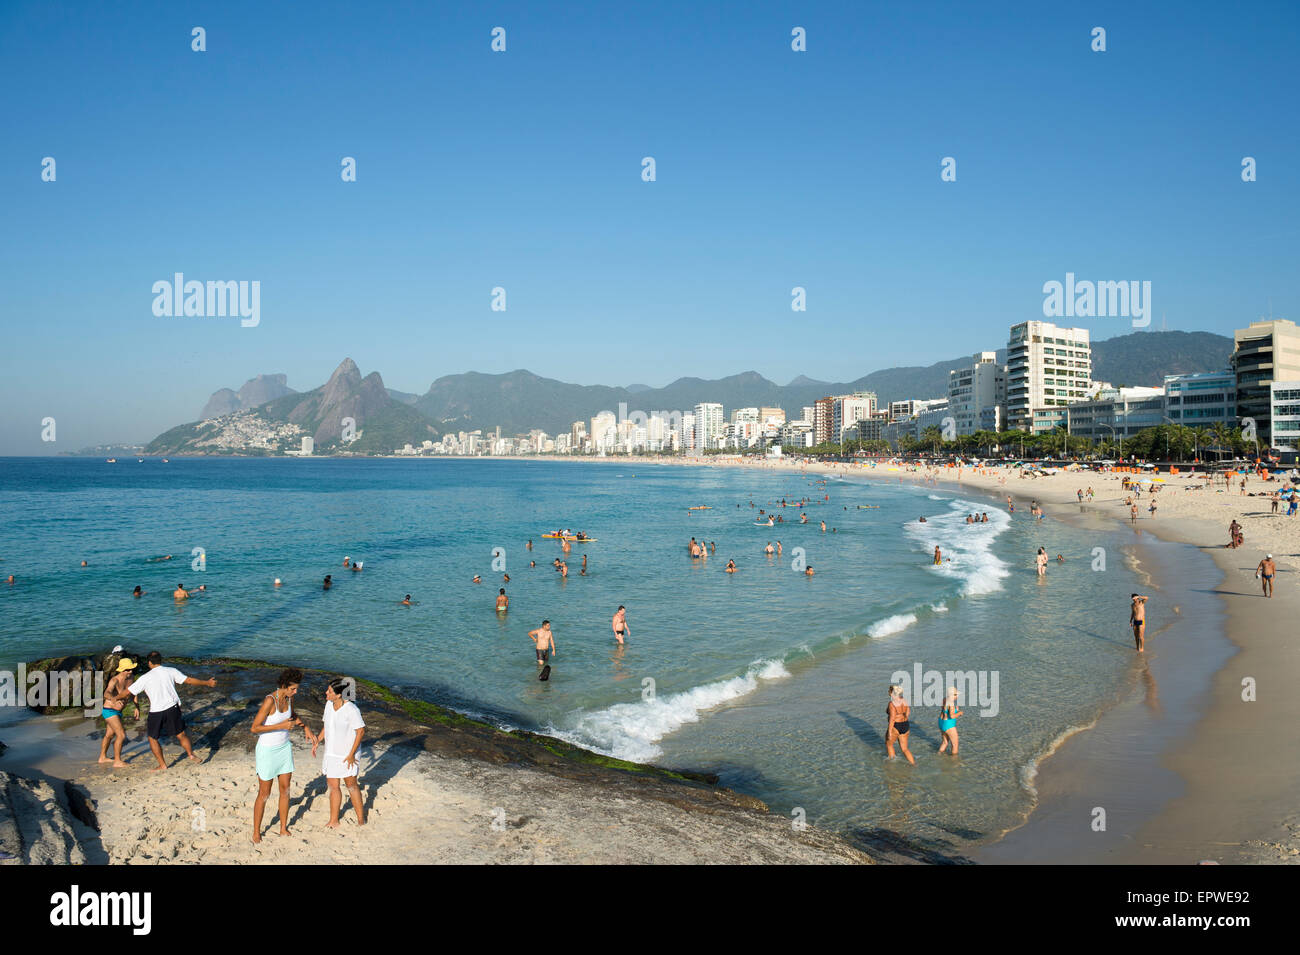 Río de Janeiro, Brasil - Enero 17, 2015: Beachgoers relajarse sobre las rocas en el Arpoador final de la playa Imagen De Stock